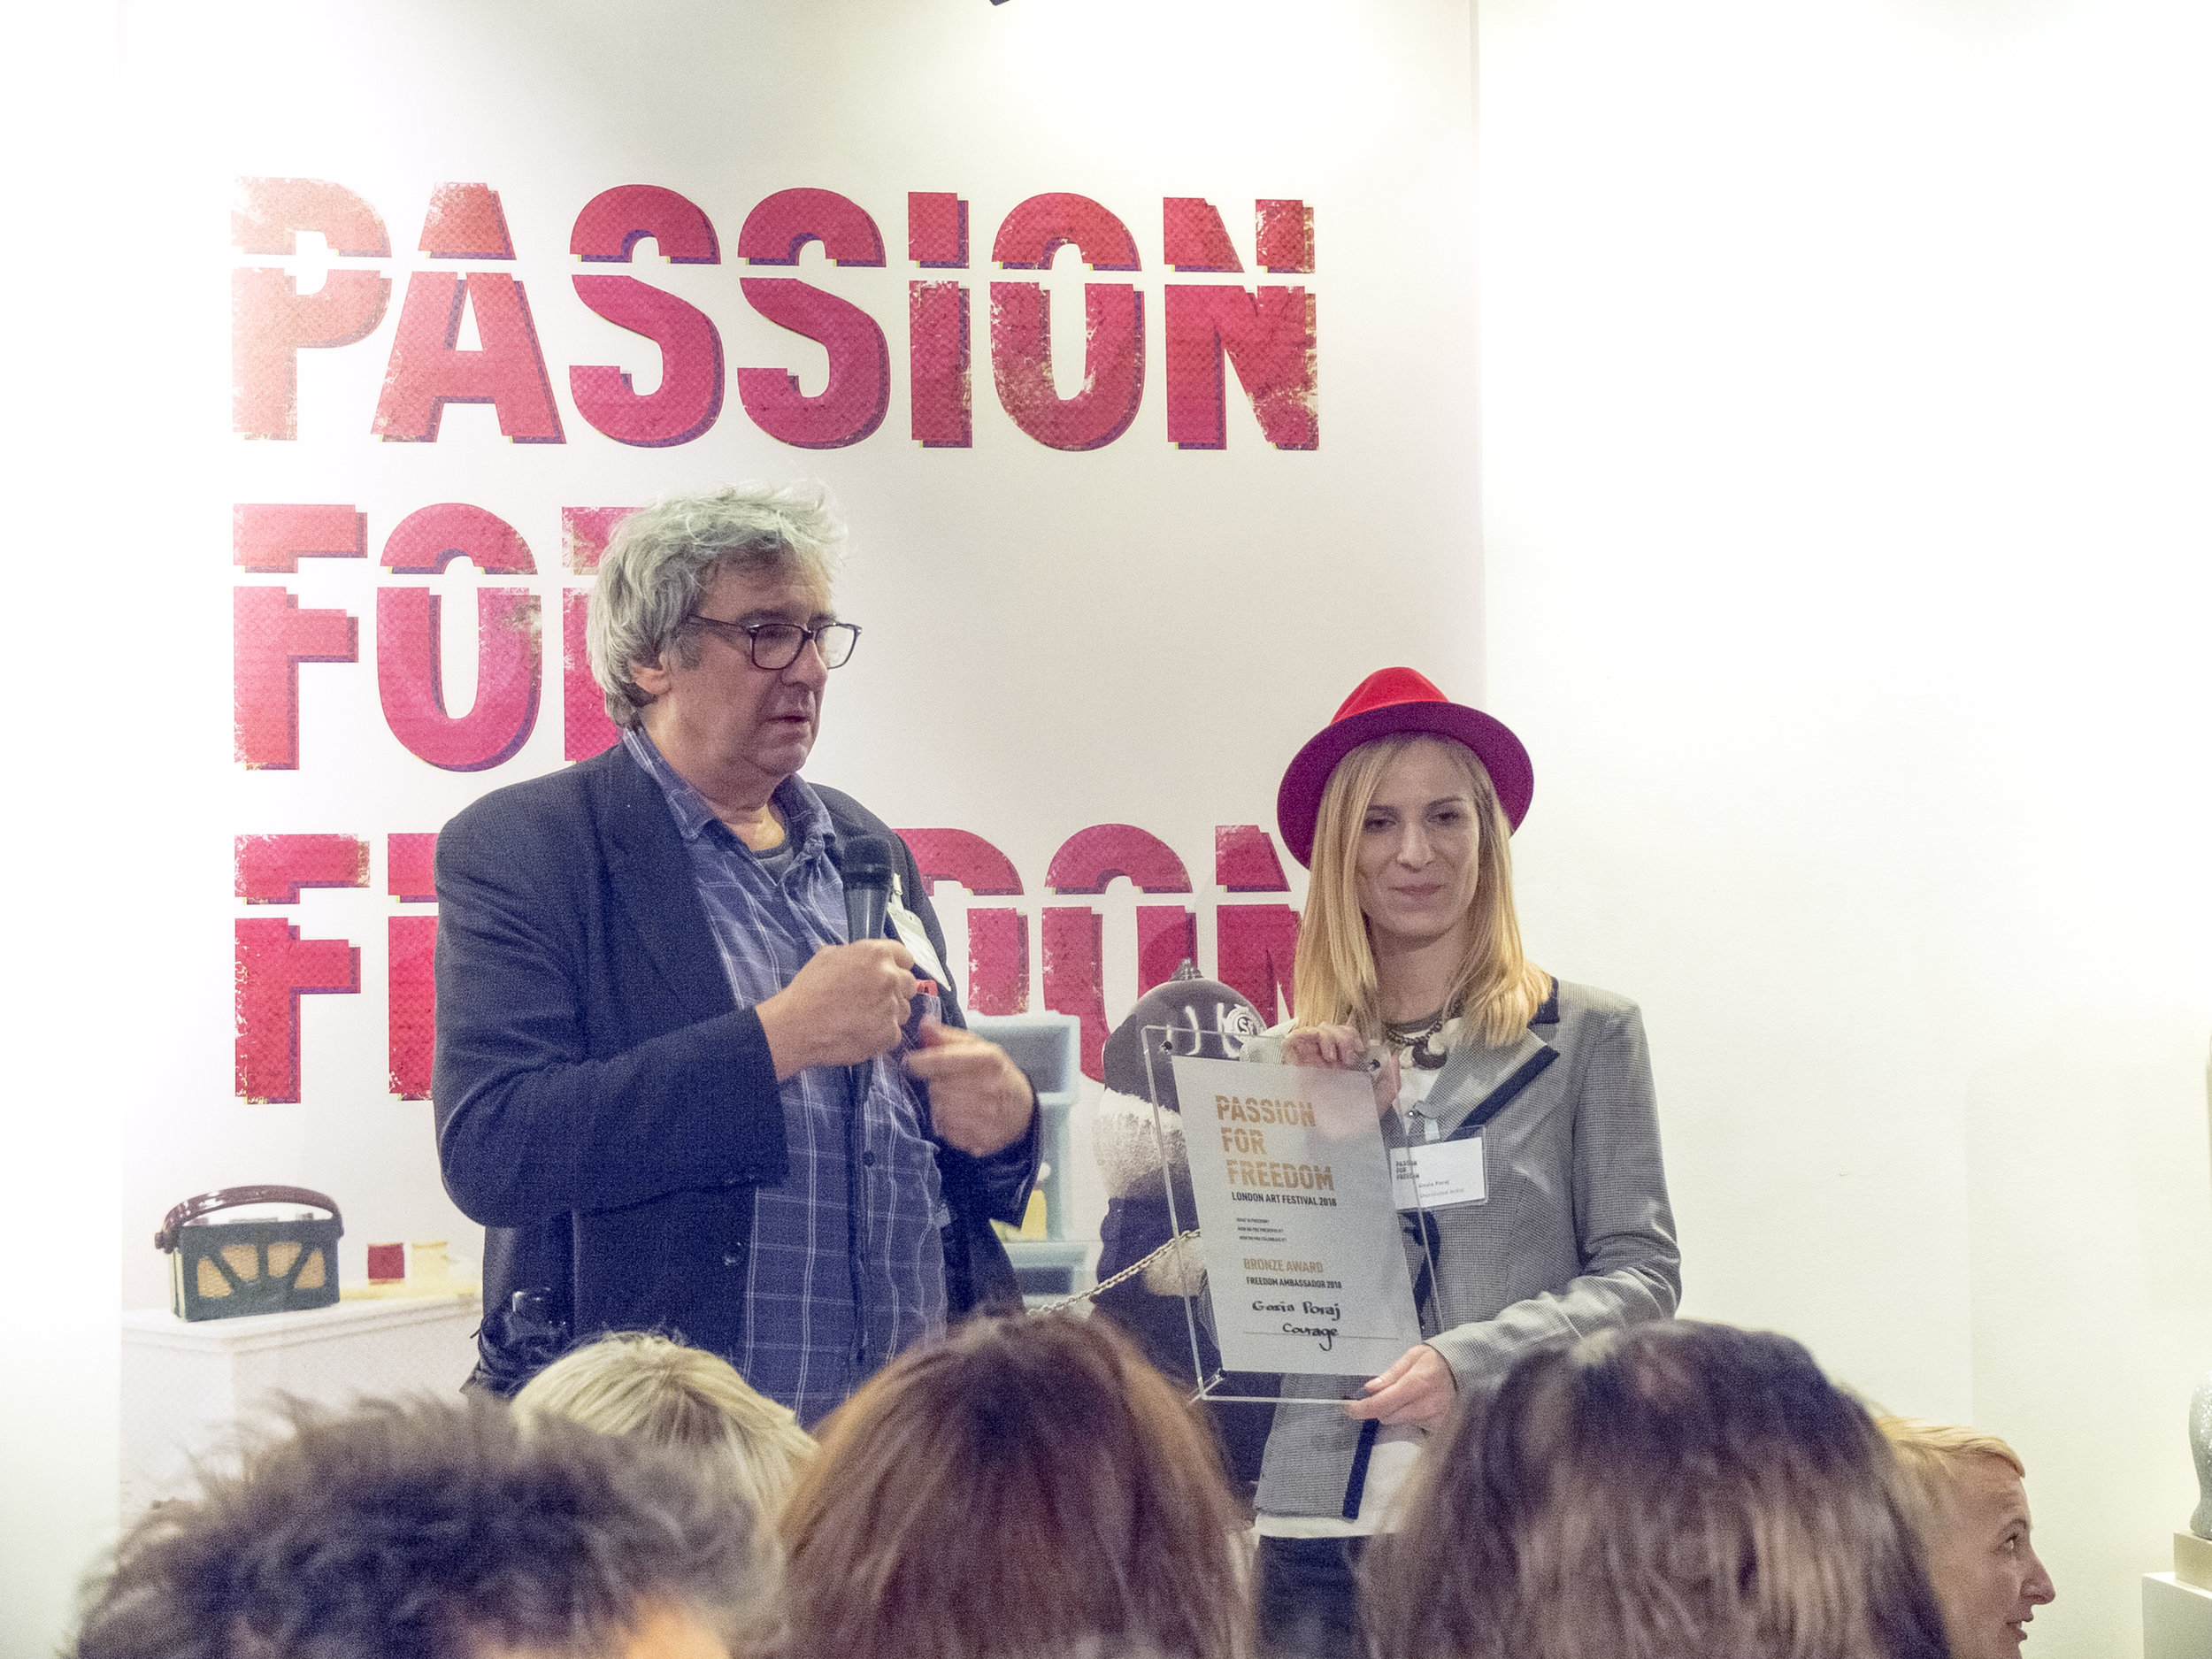 passion for freedom awards, 2018 exhibition london, art award, gosia poraj